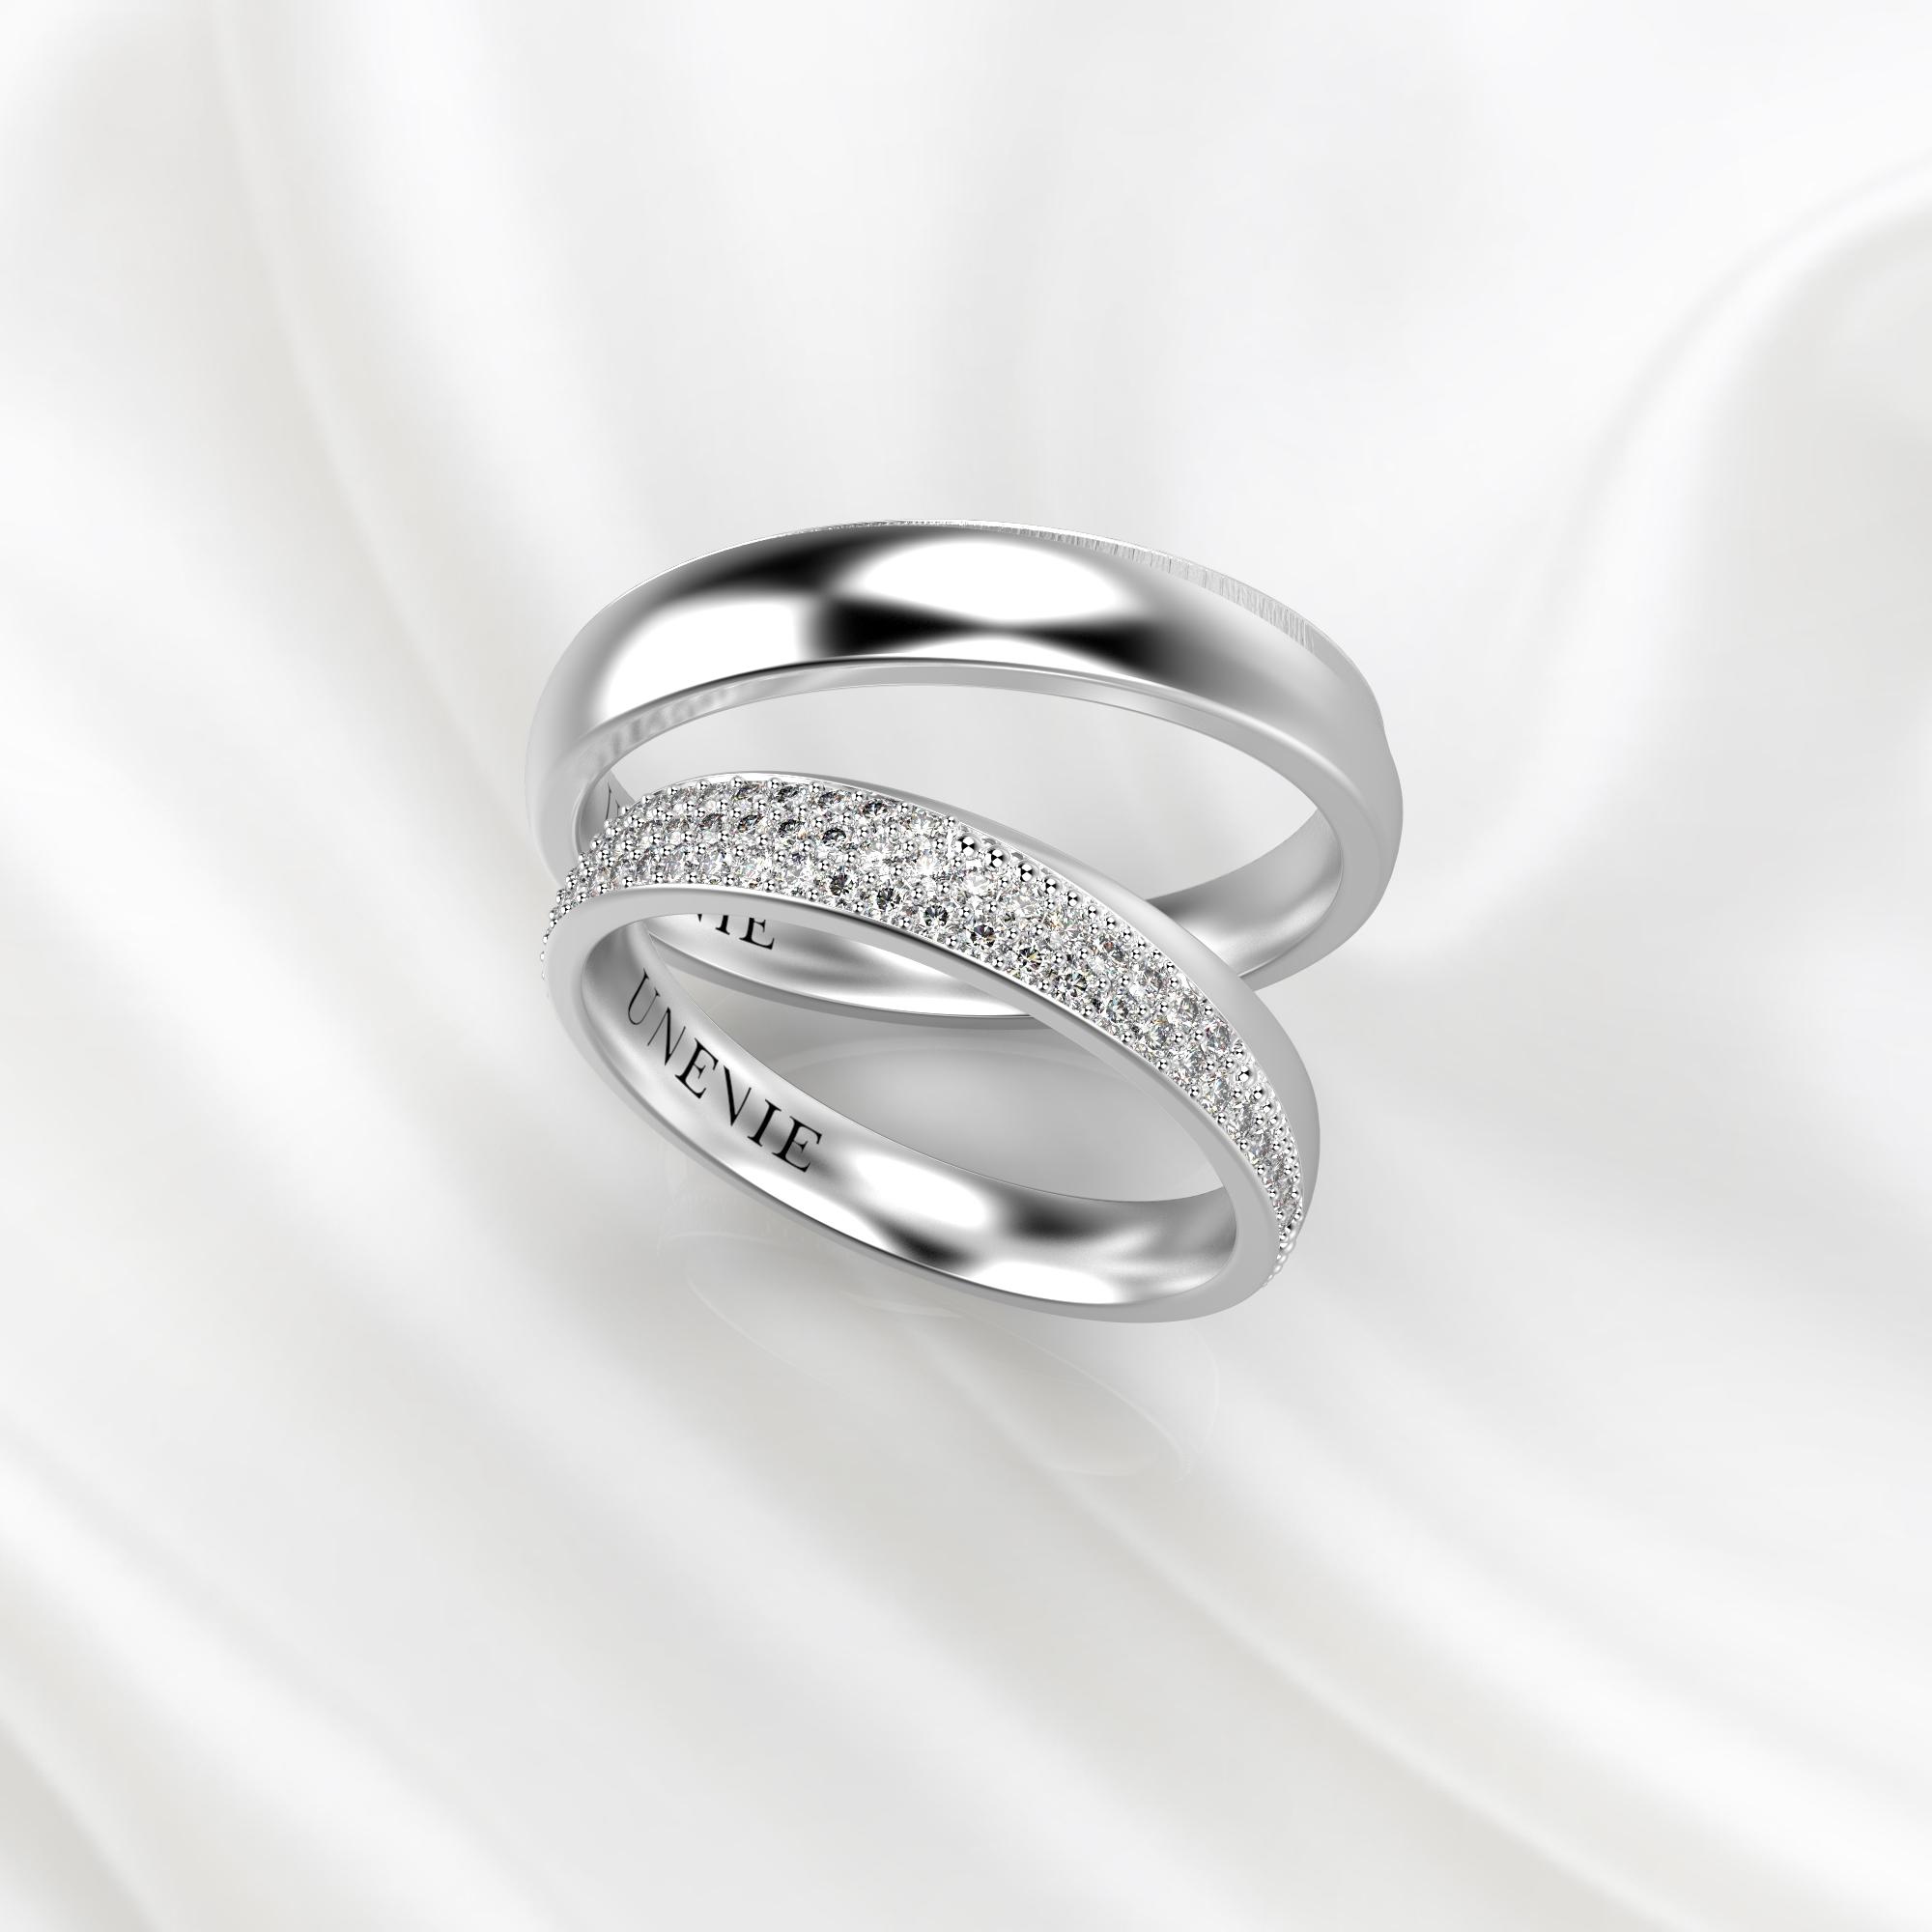 NV32 Обручальные кольца из белого золота с бриллиантами